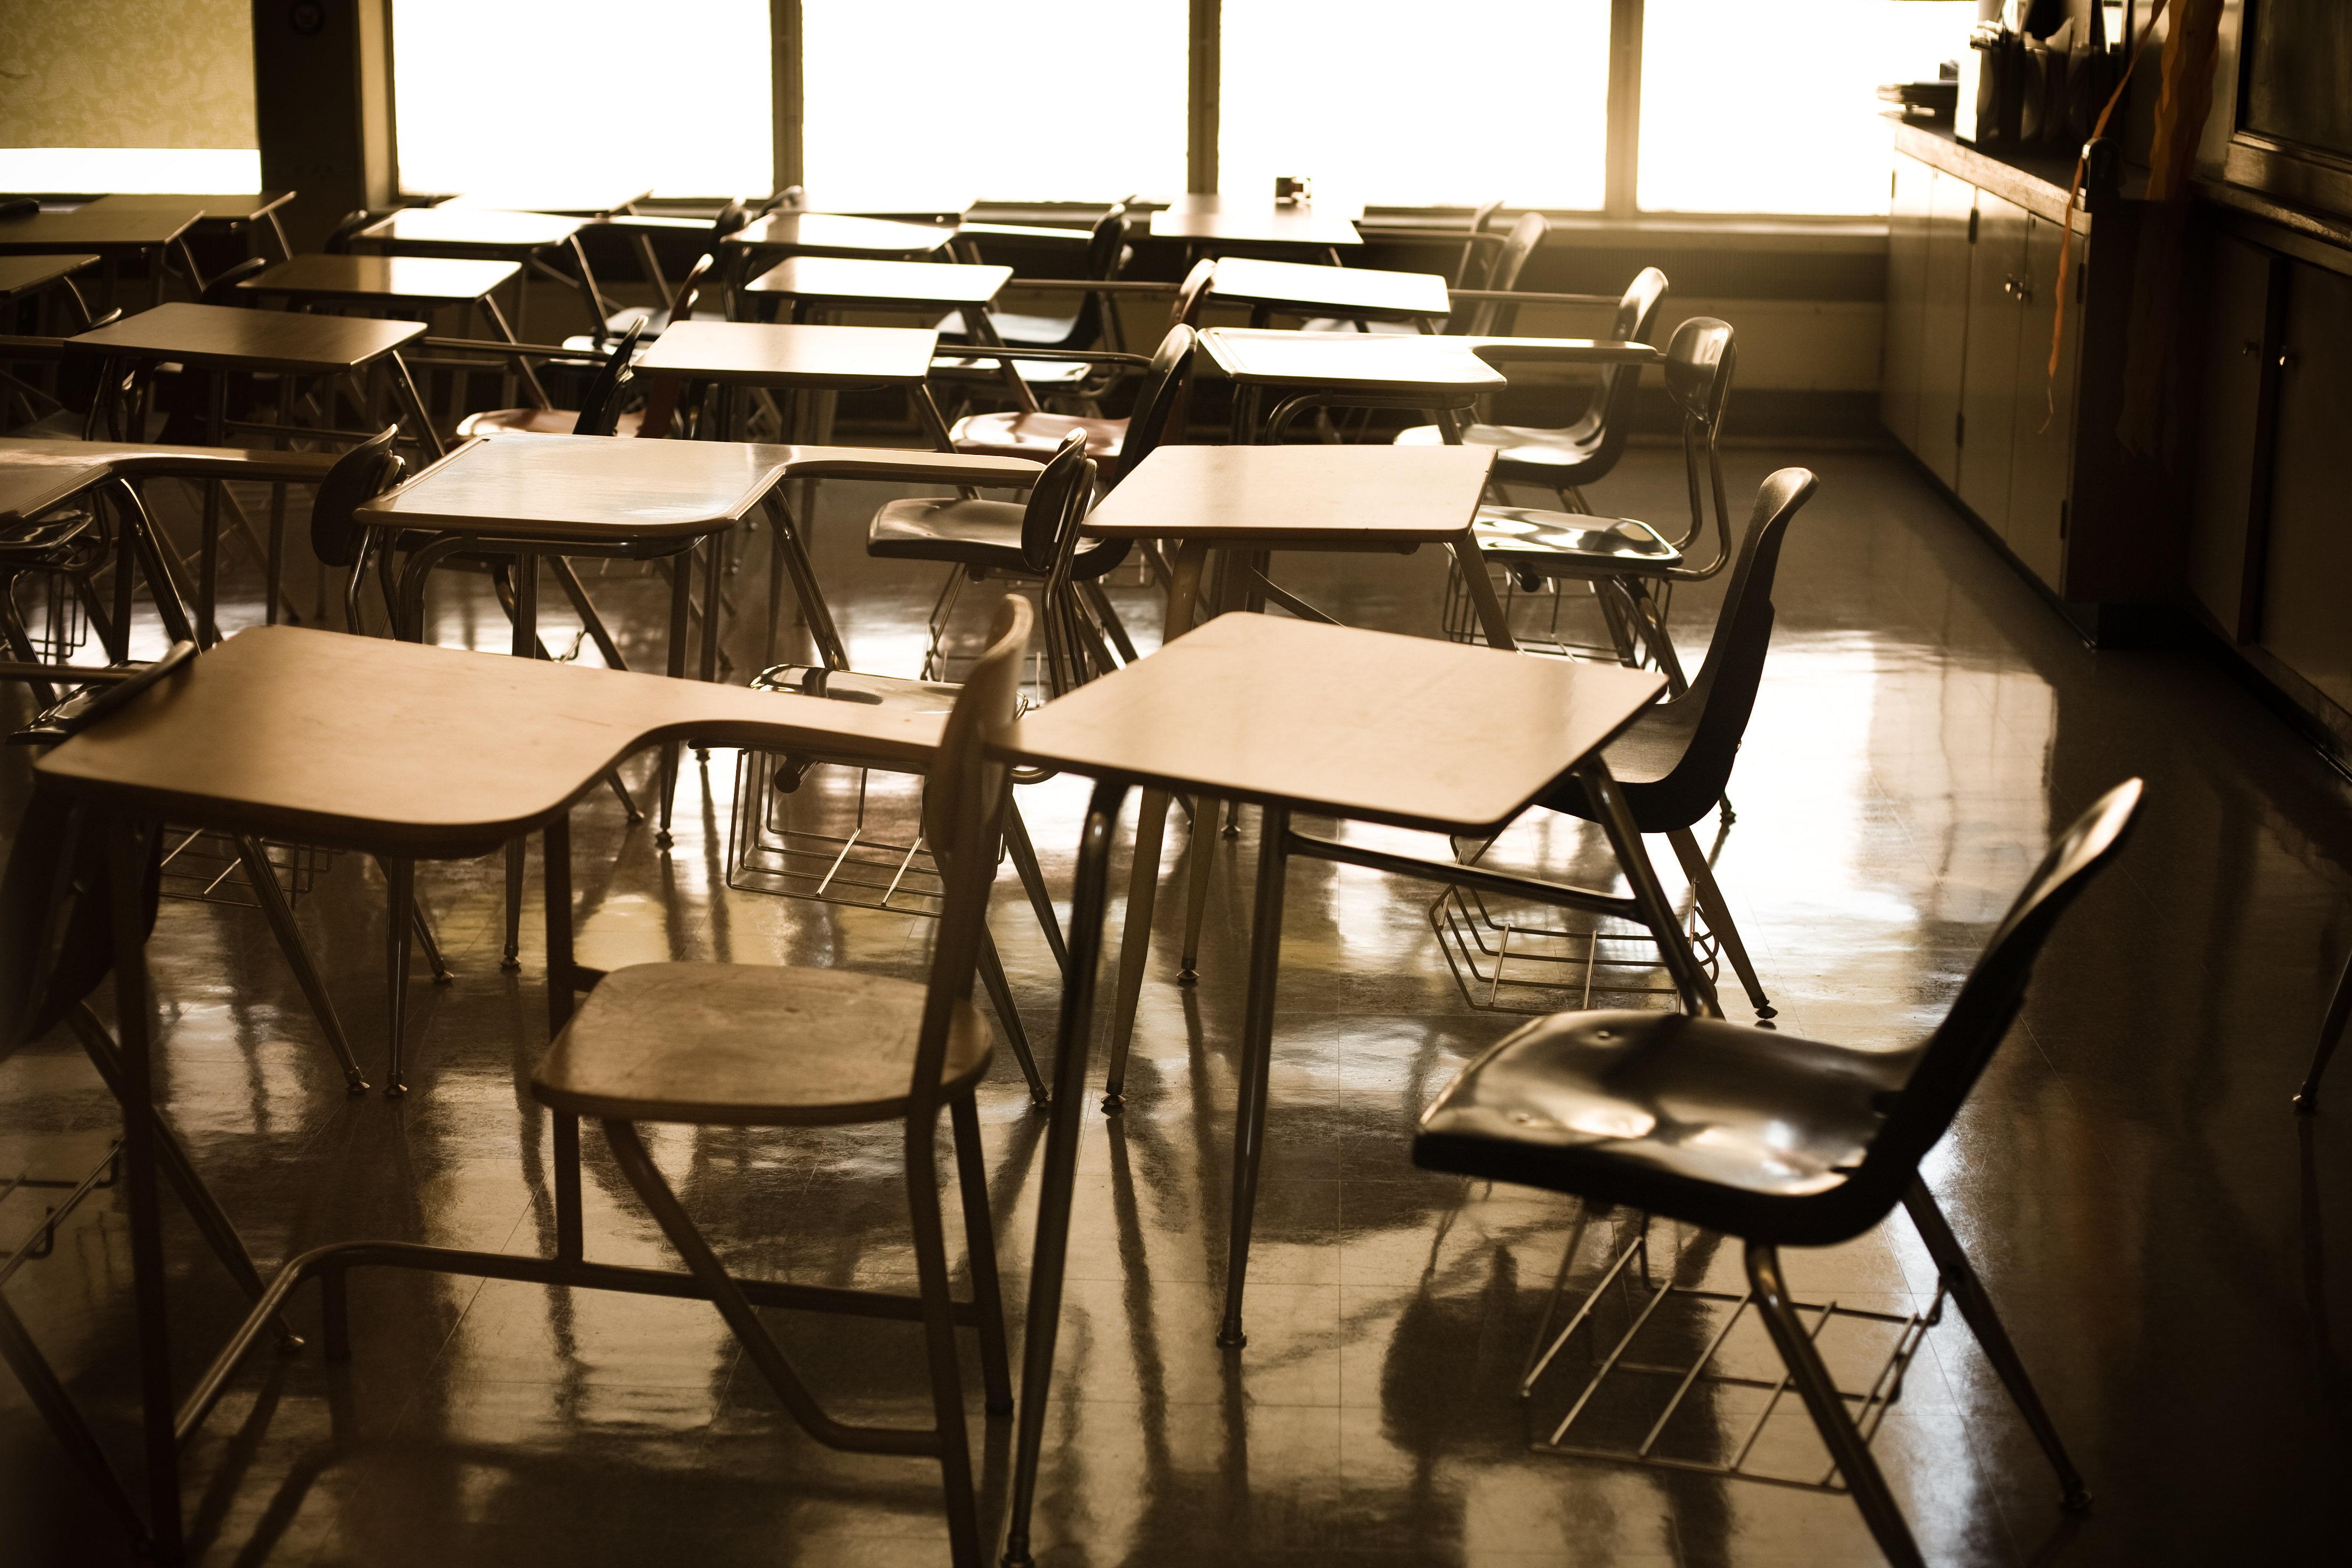 중고생과 성인 등 총 남성 11명이 중학생을 성폭행했다는 혐의를 받고